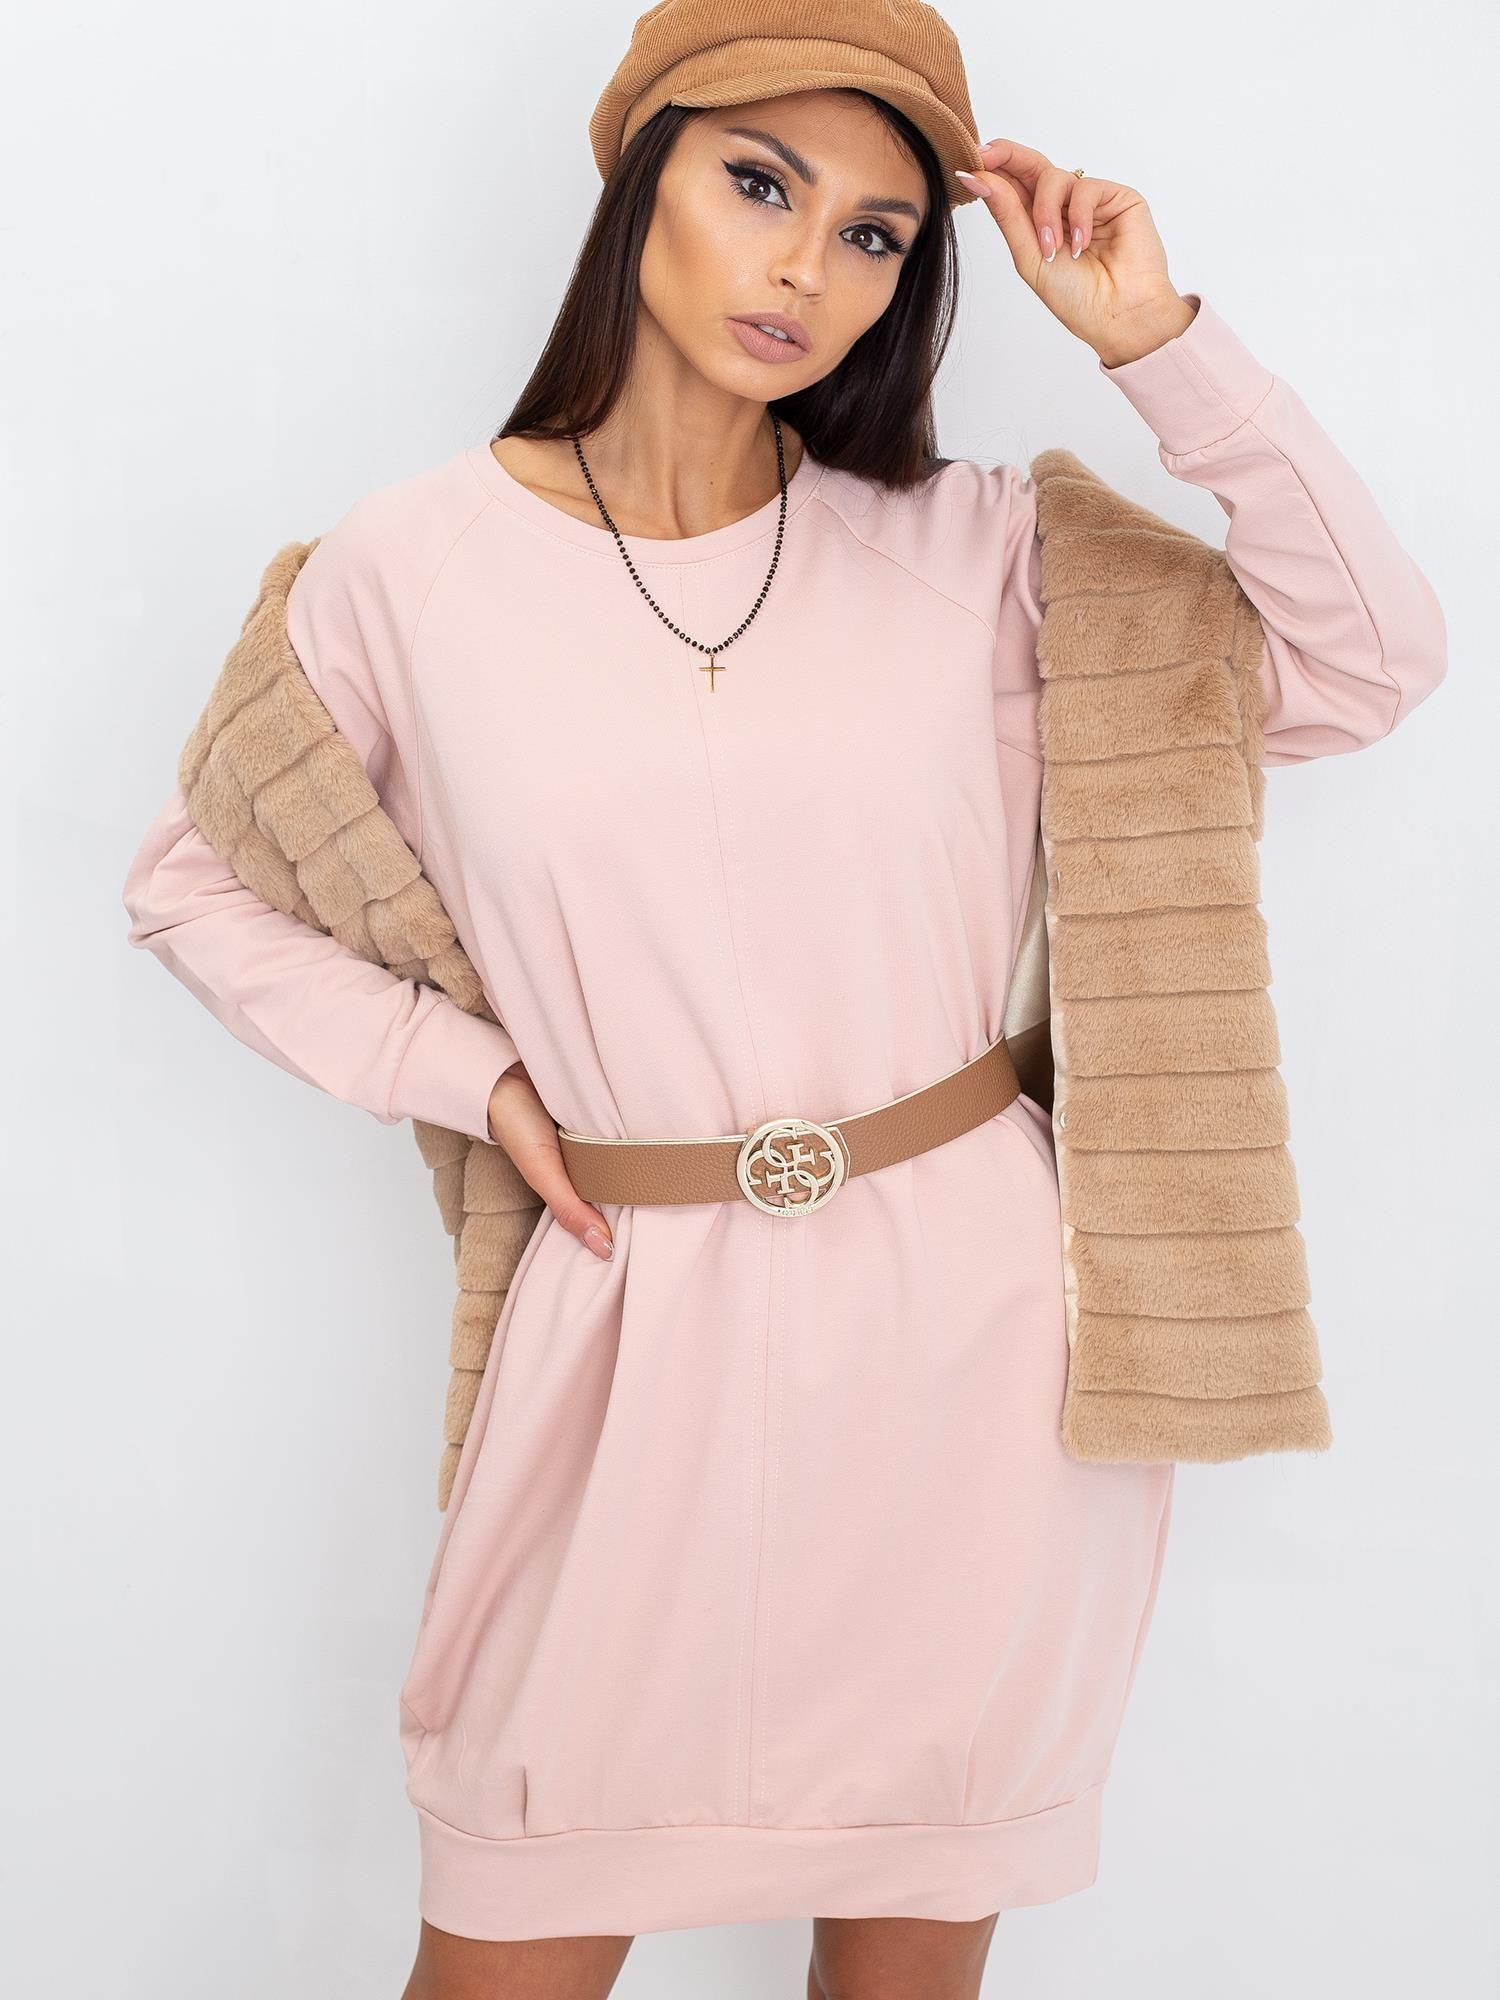 Svetloružové bavlnené šaty s dlhým rukávom - S/M